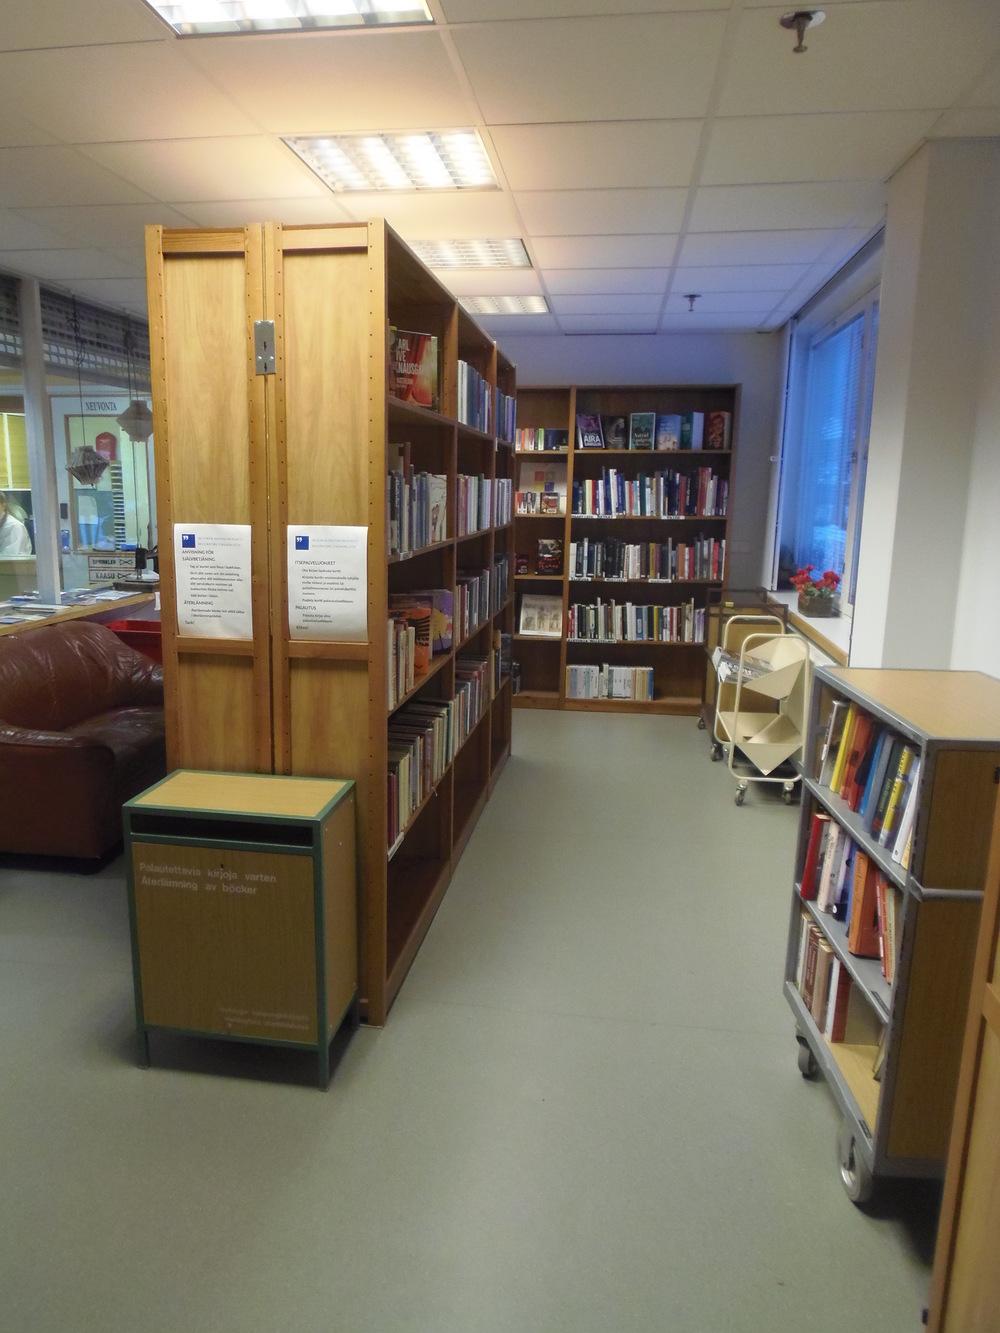 Myllypuron palvelukeskuksen kirjasto